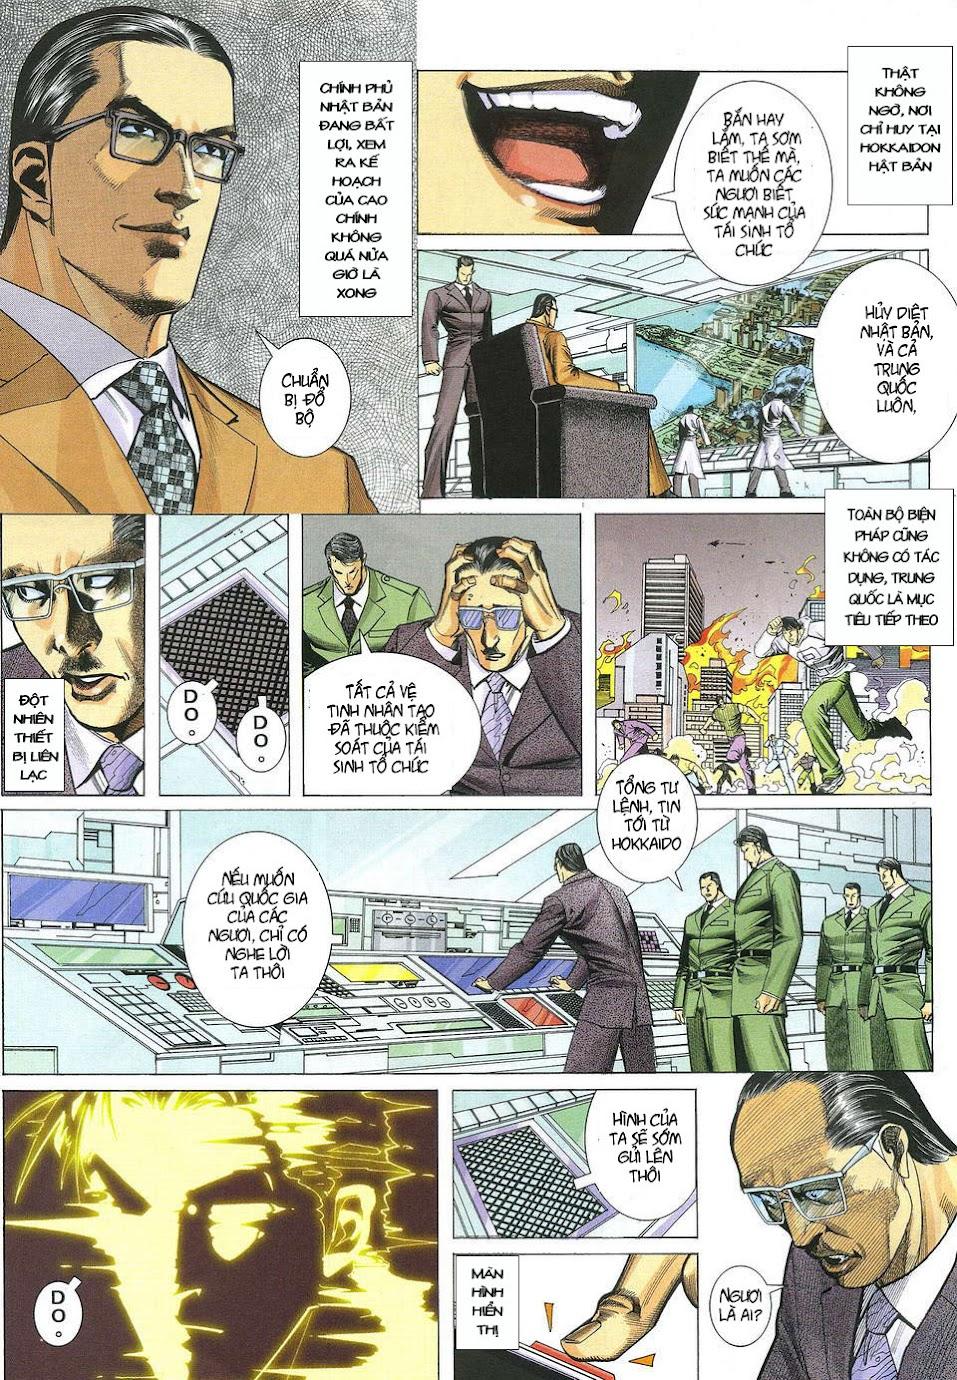 Phong Lôi chap 39 - Trang 15